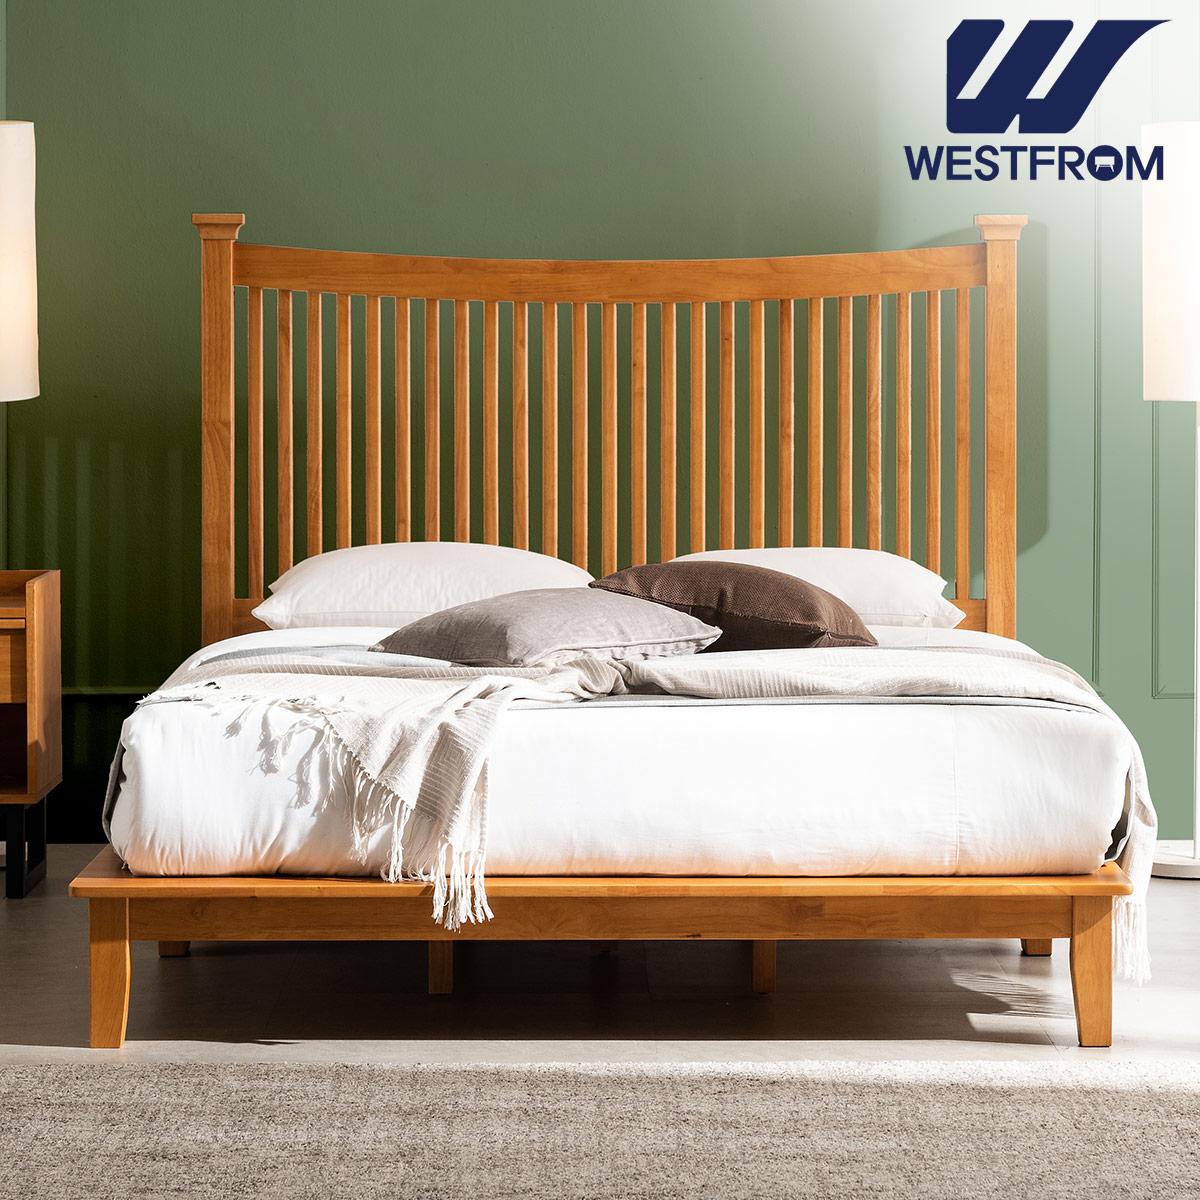 [웨스트프롬] 모던 마가렛) 고무나무원목 평상형 침대(Q,K공용) / 텐더 리버 K매트리스 / 전국착불